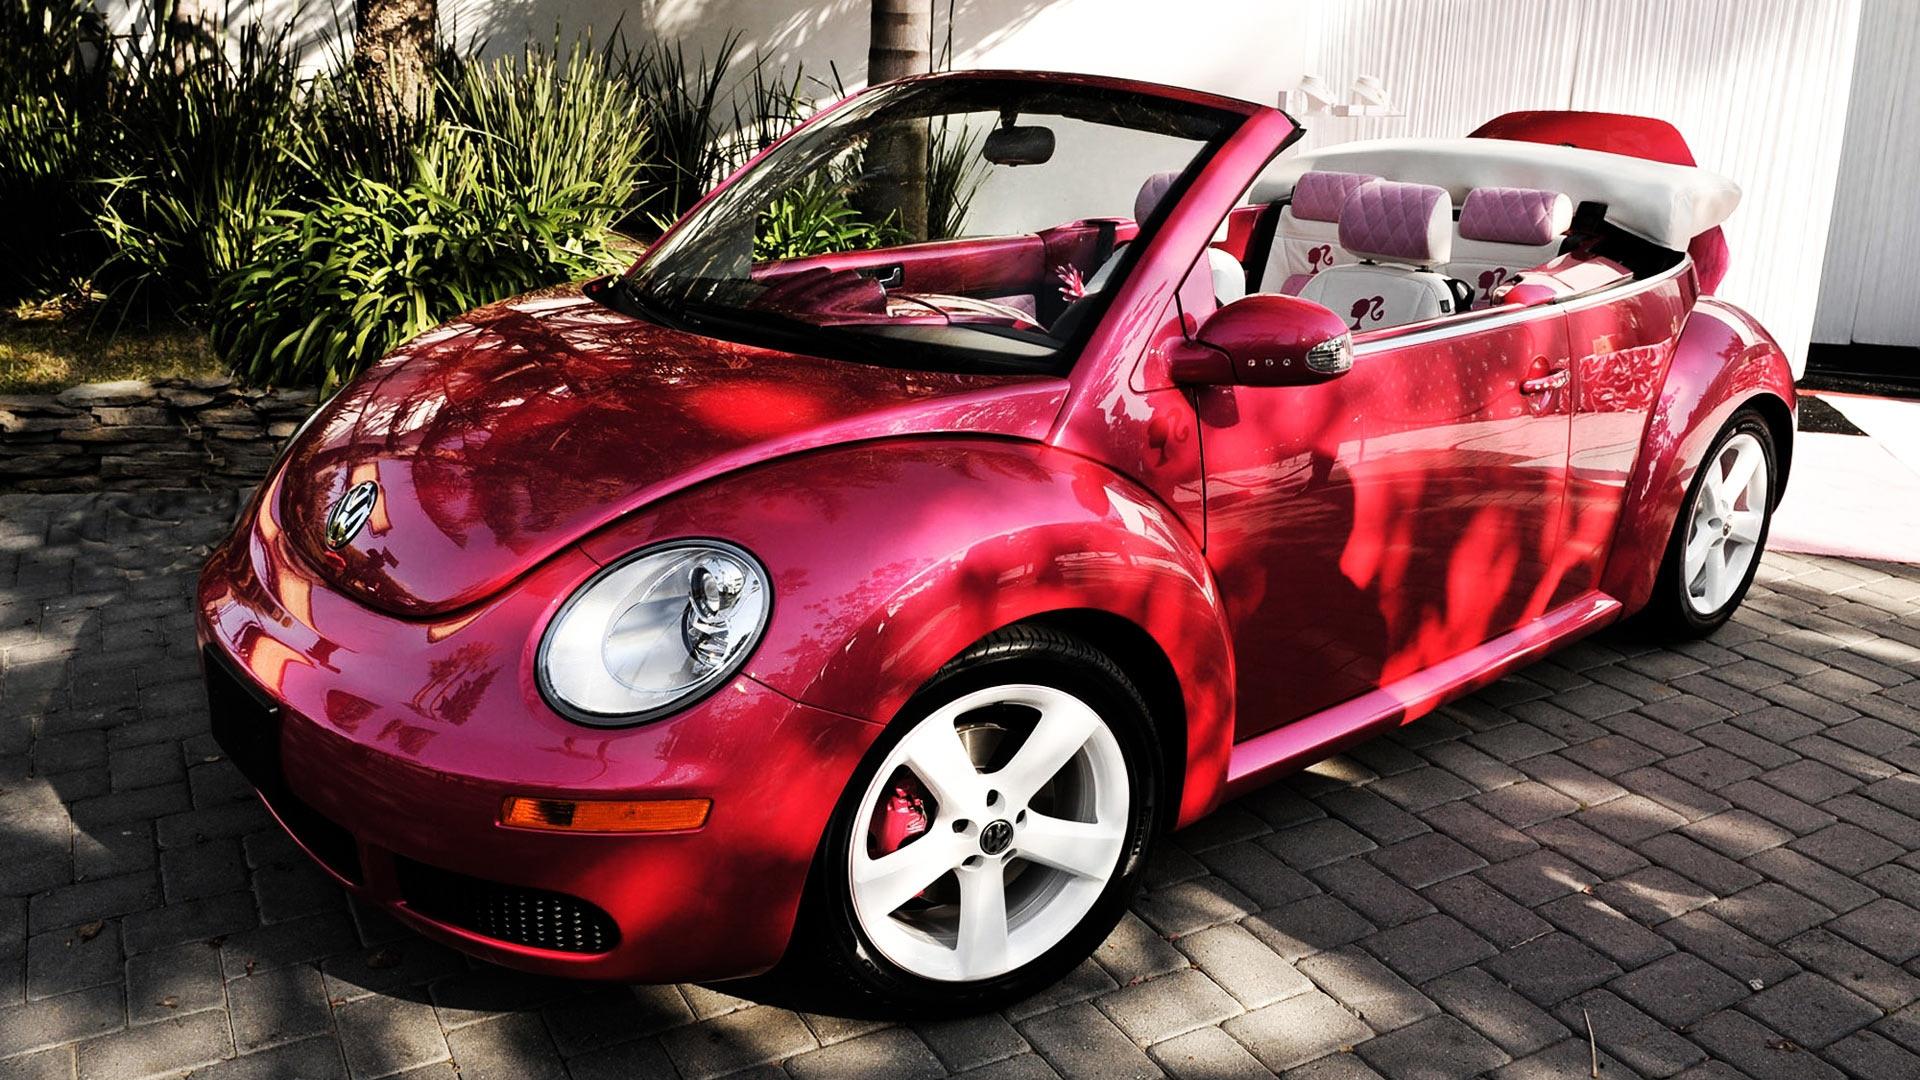 Volkswagen Beetle Widescreen